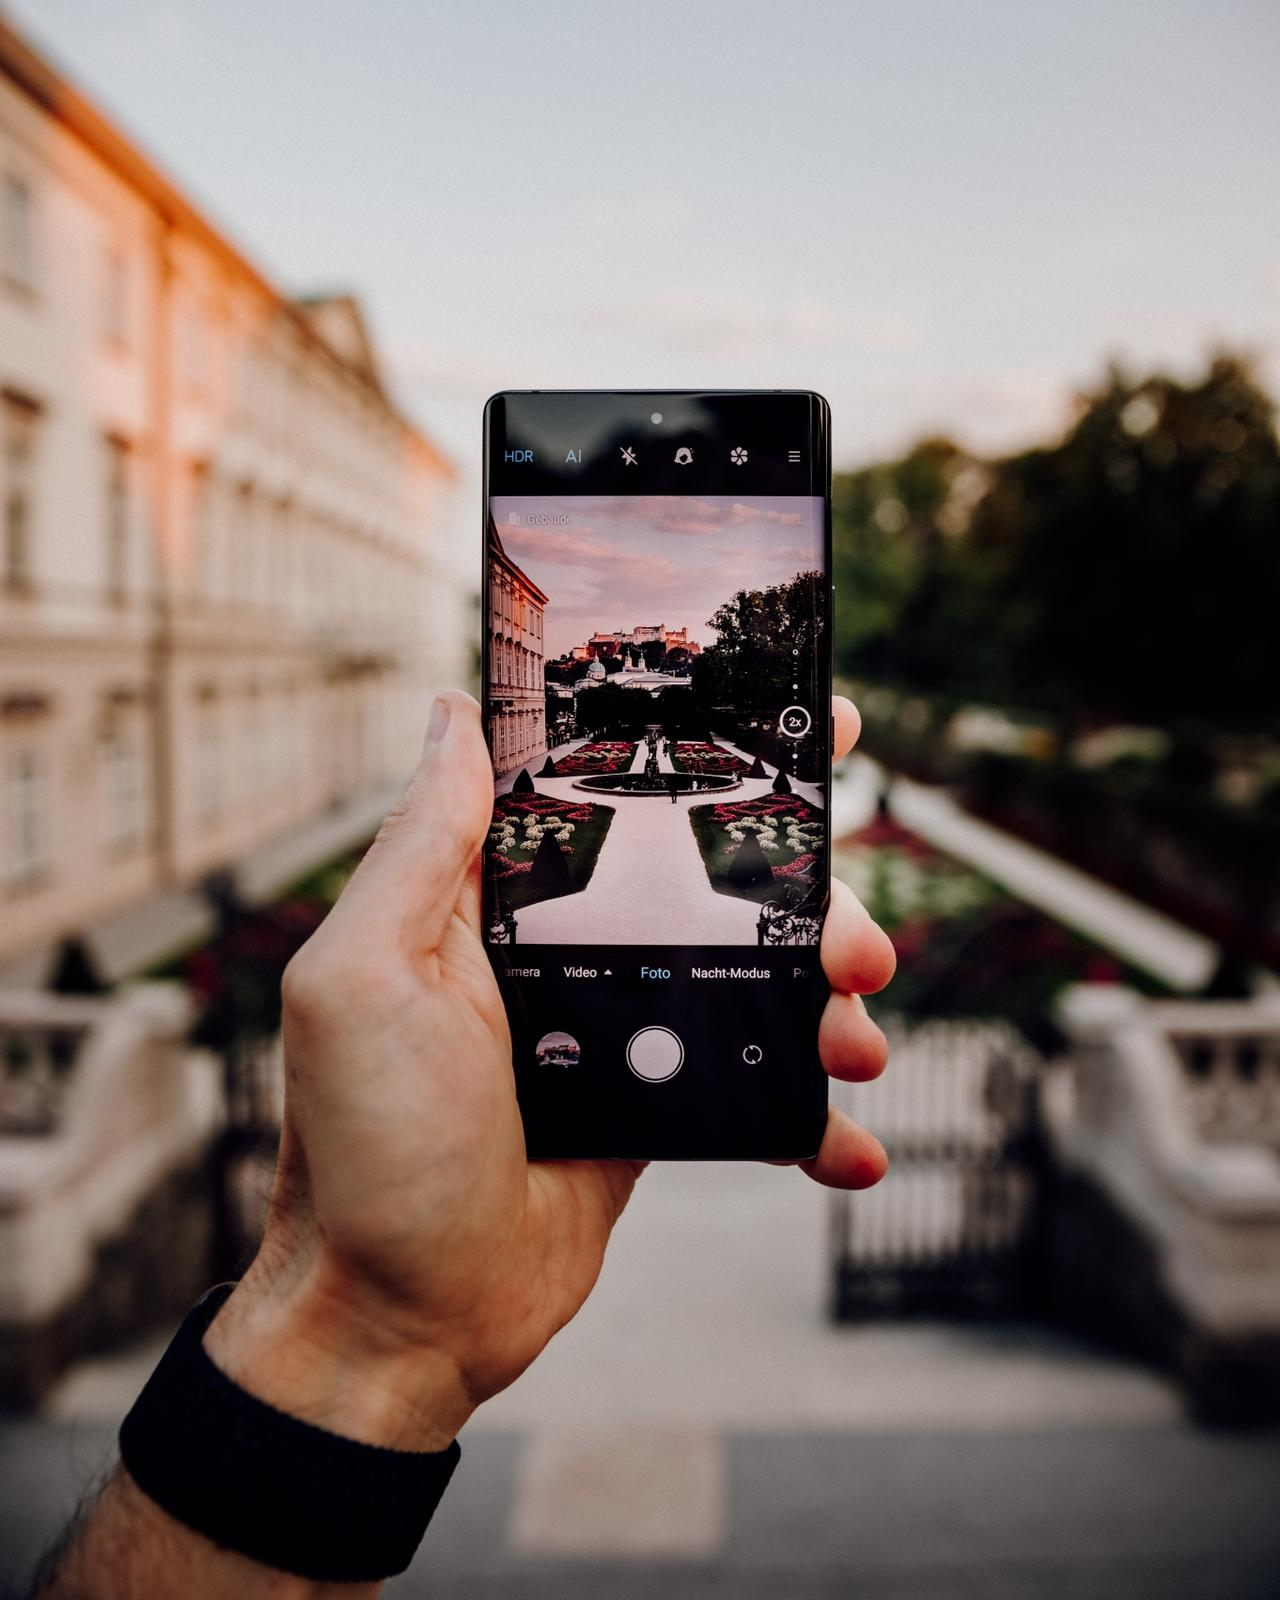 Städtefotografie mit dem Smartphone: In diesem Bild von Patrick Langwallner wird das Smartphone Teil des Stadtfotos. (c) Patrick Langwallner